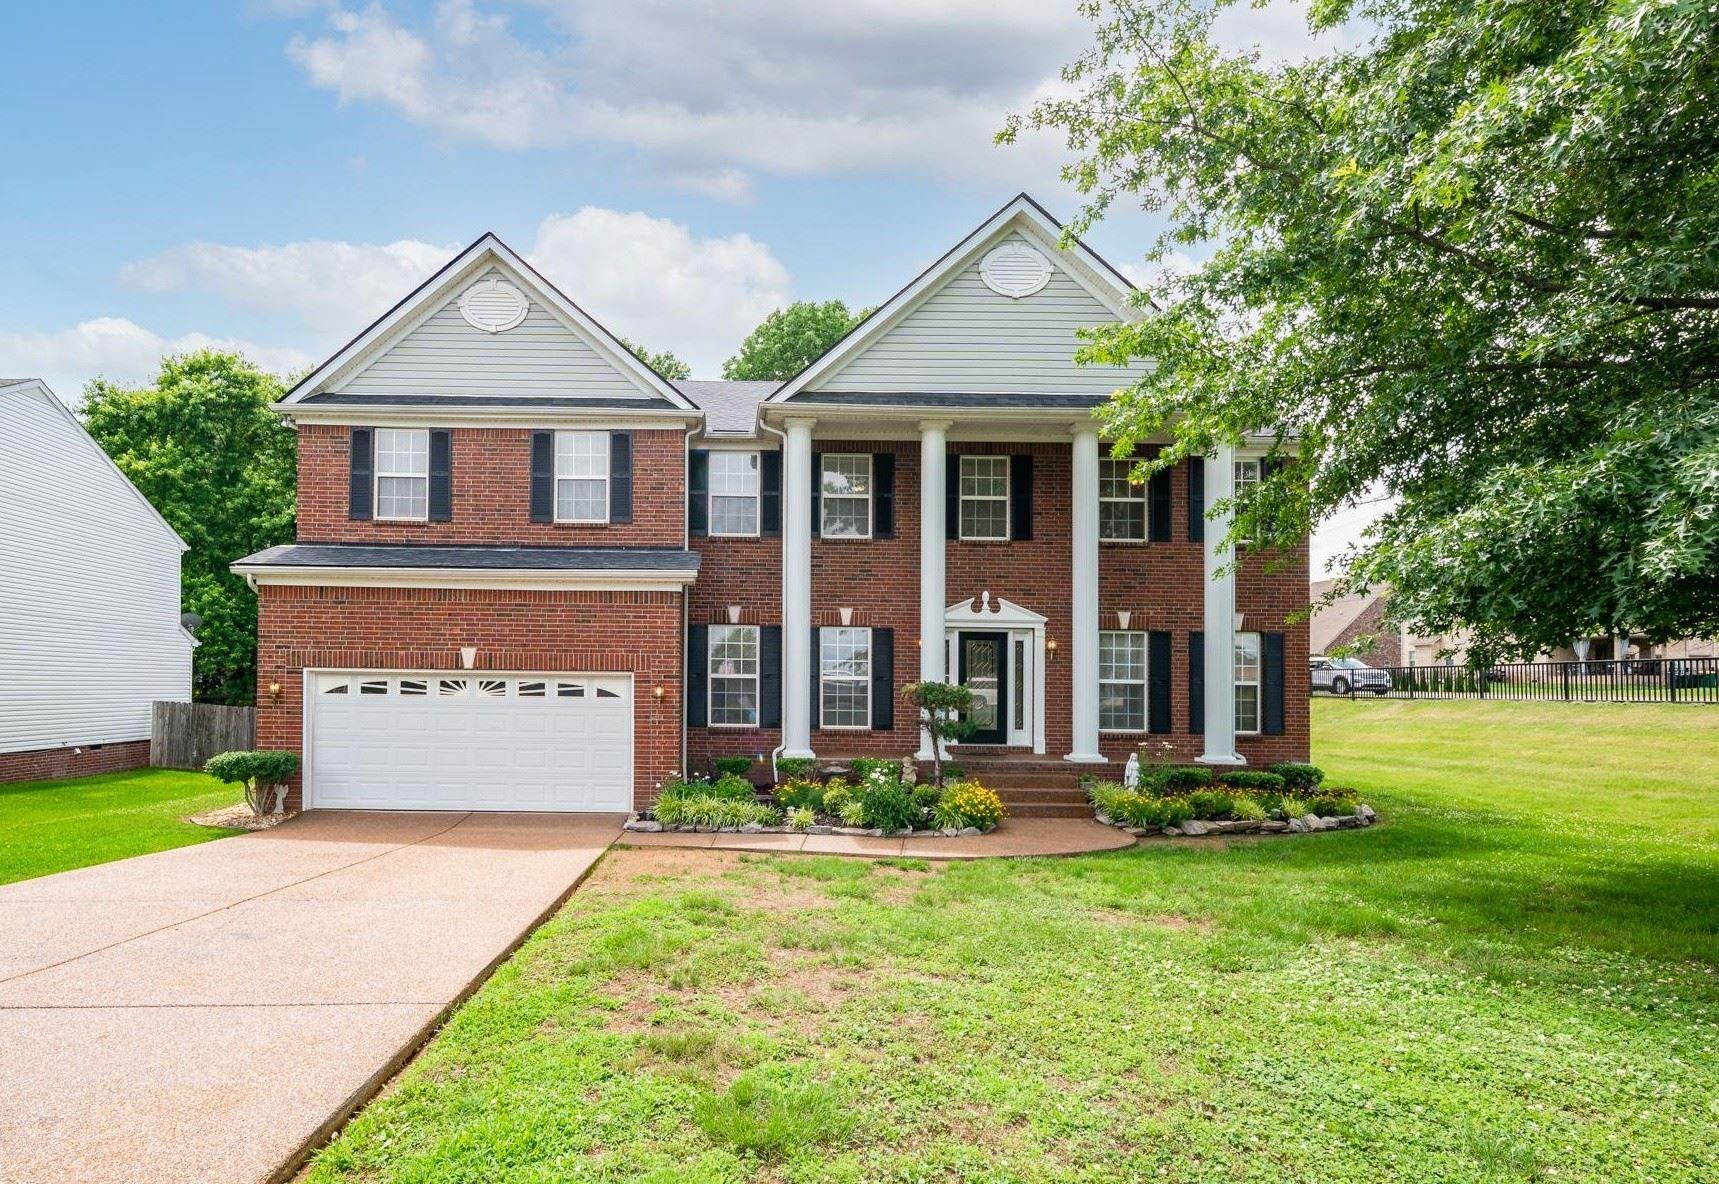 Photo of 2901 Buckner Ln, Spring Hill, TN 37174 (MLS # 2261774)